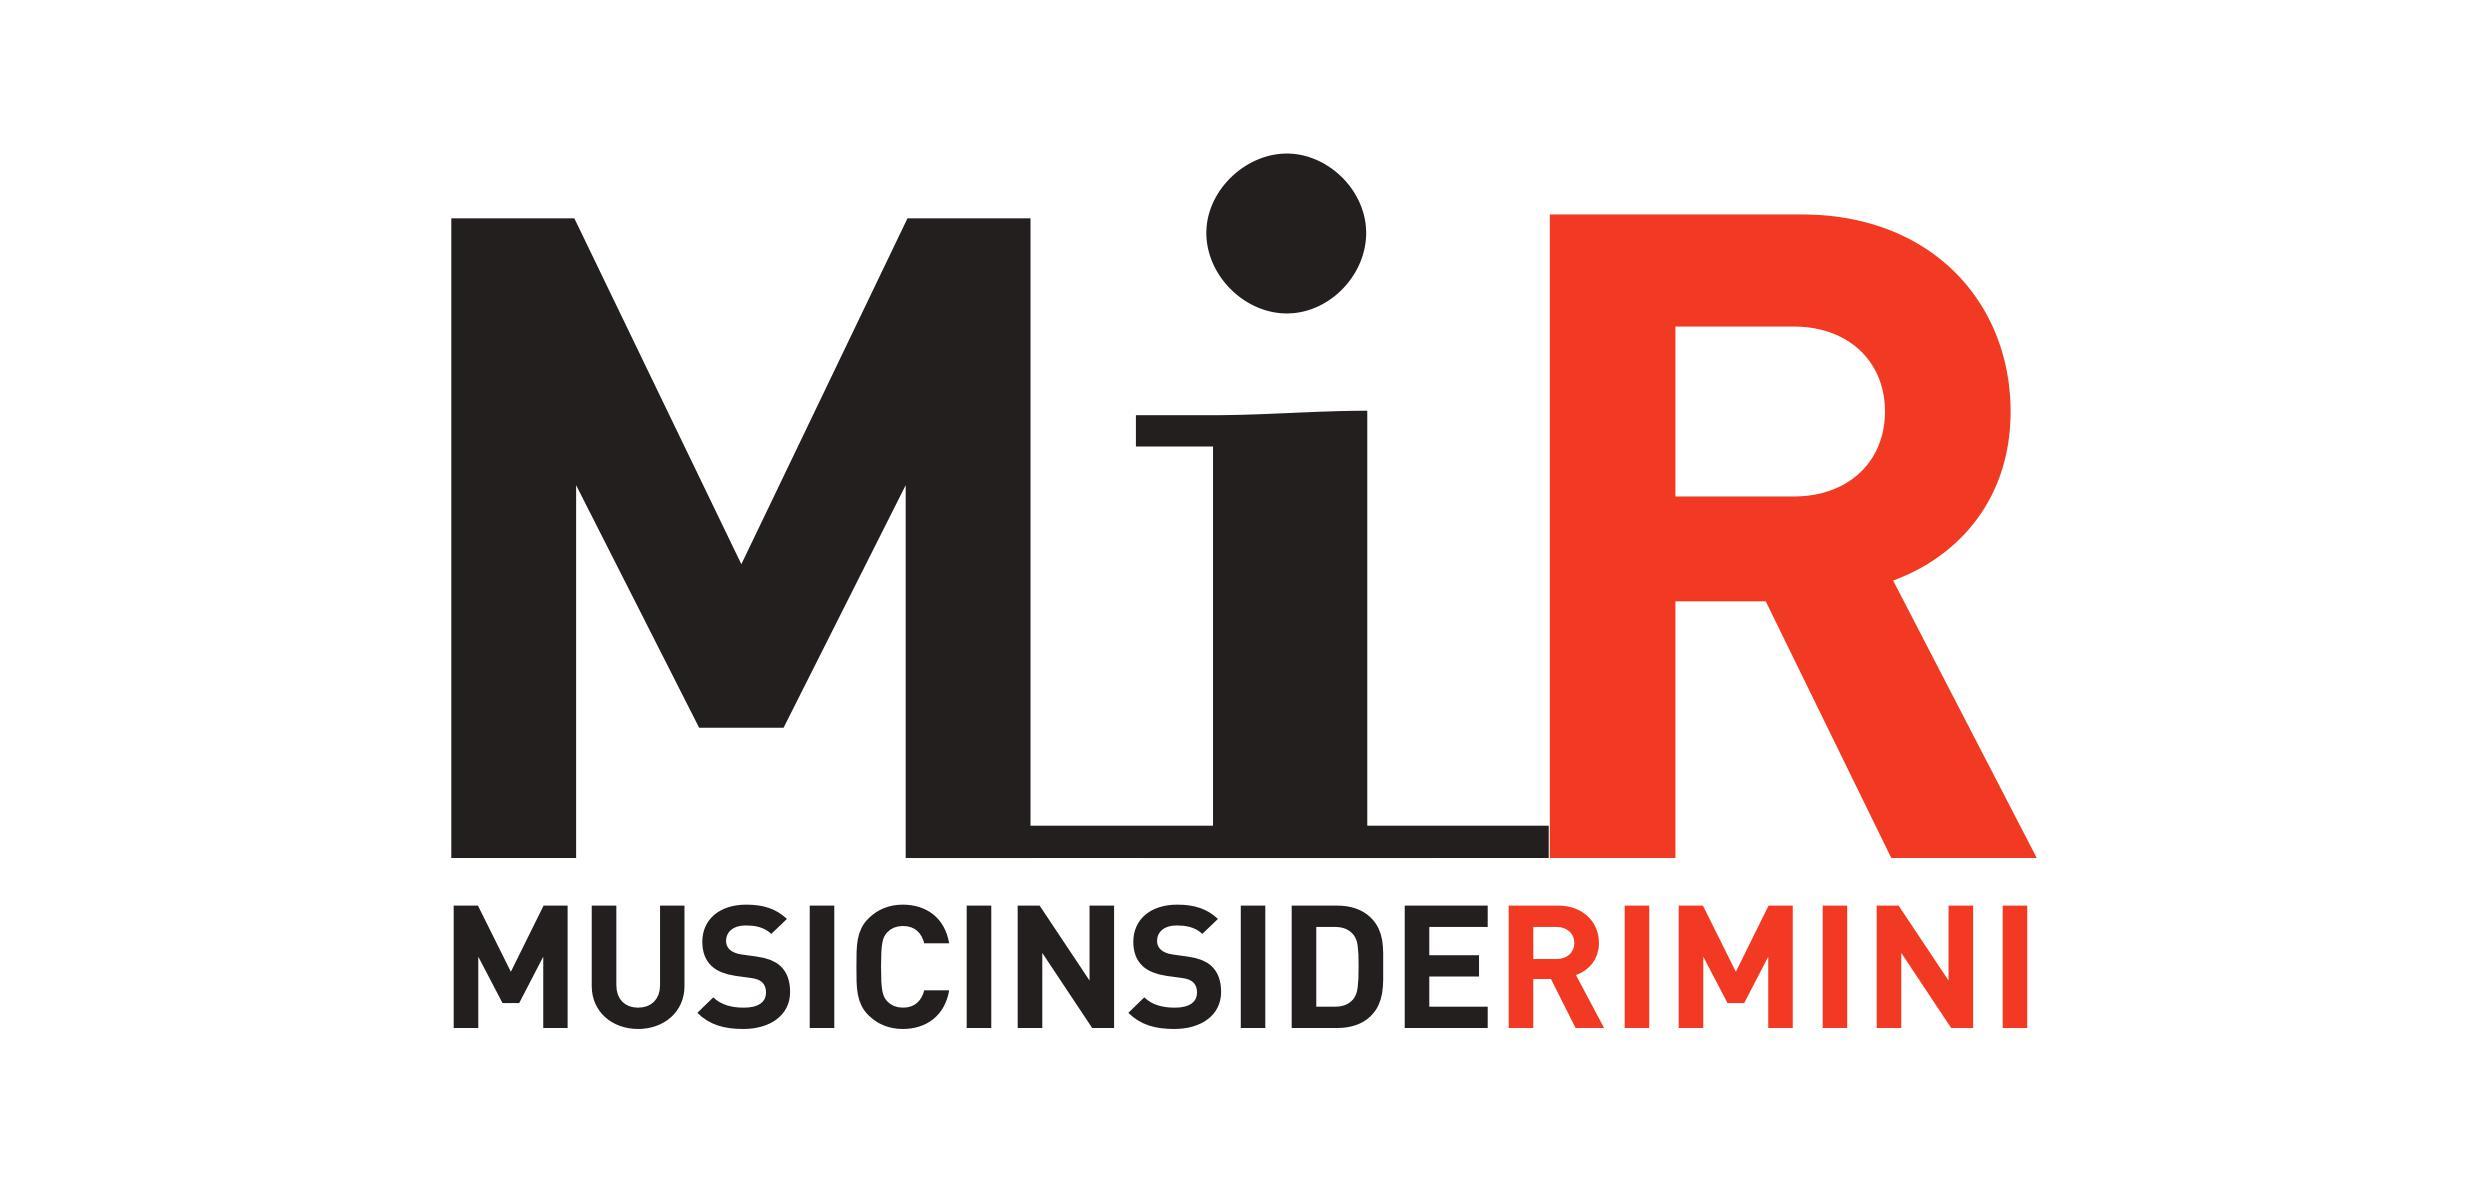 JVCKenwood Music Inside Rimini 2019